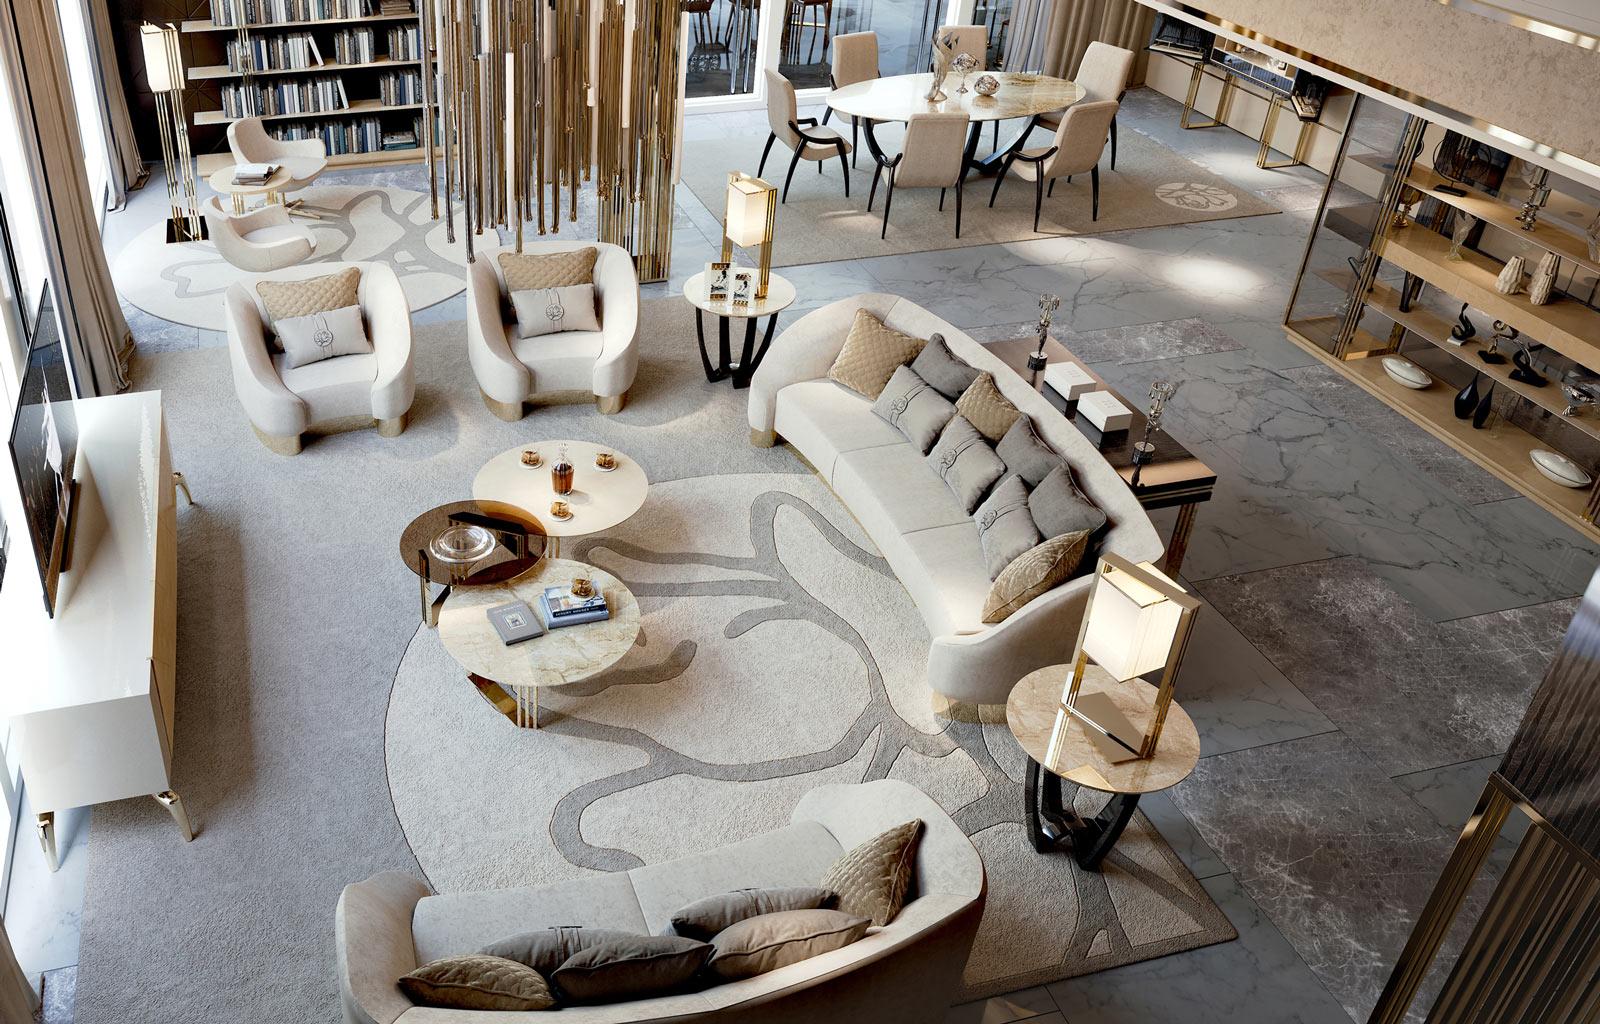 Coronese negozio di mobili e design Racale, Lecce